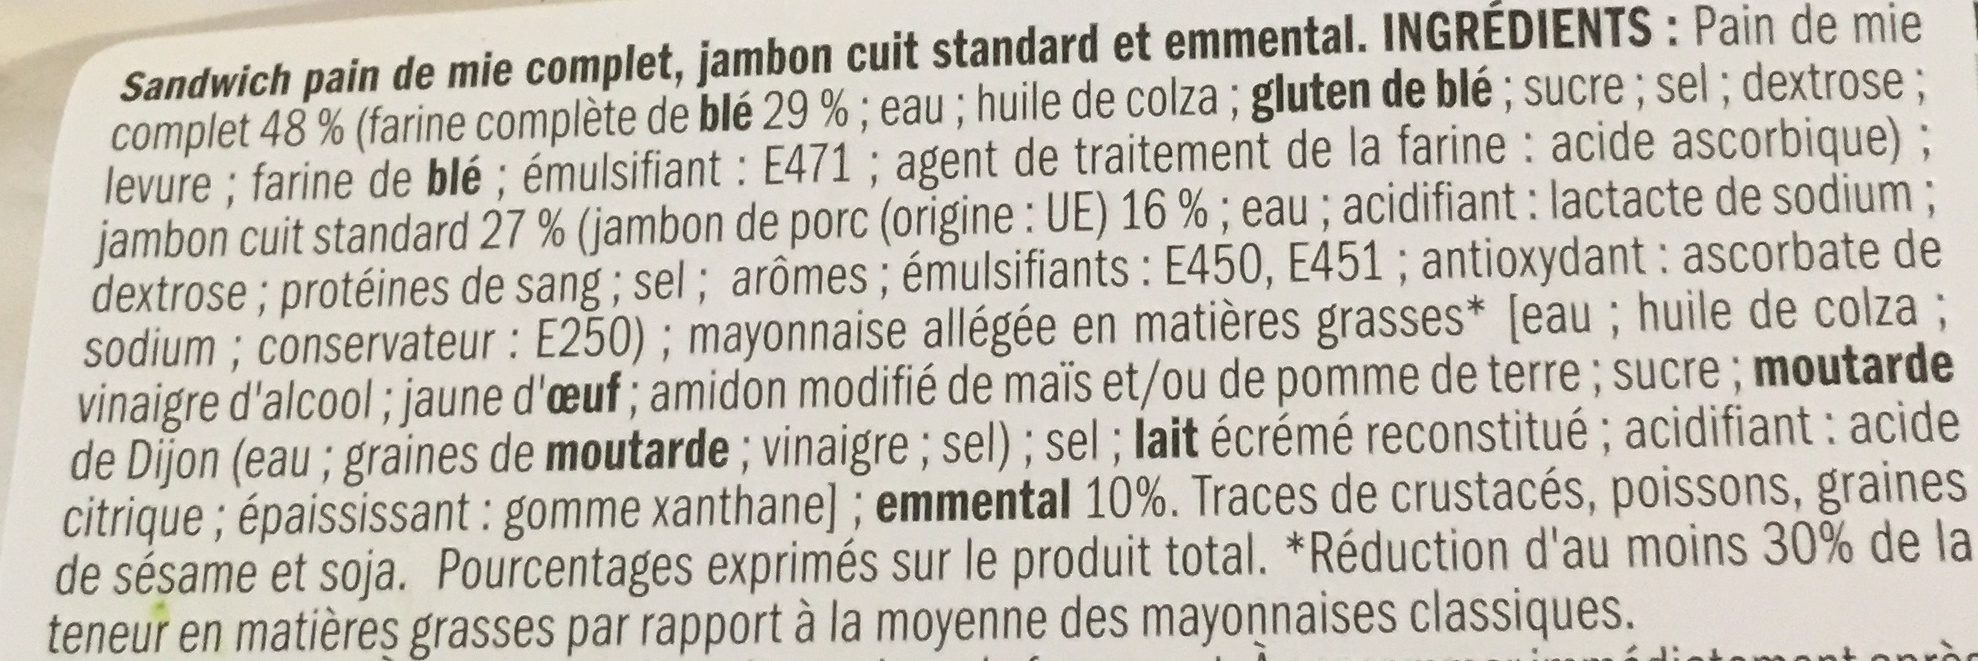 Sandwich jambon emmental - Ingredients